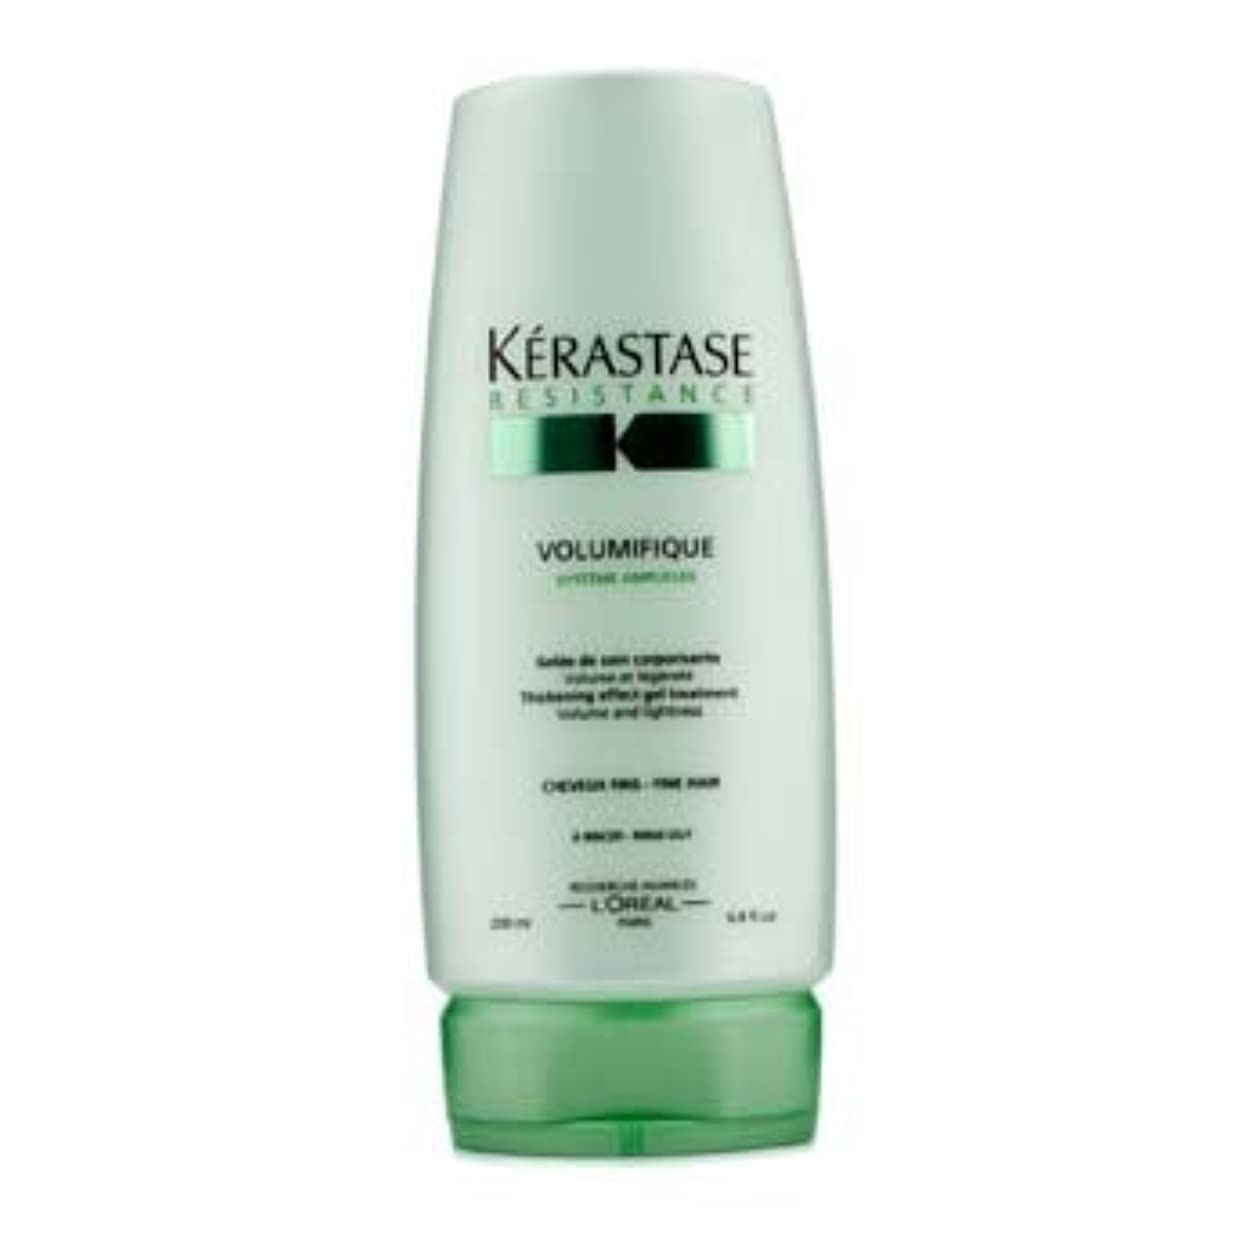 娯楽挨拶する神話ケラスターゼ Resistance Volumifique Thickening Effect Gel Treatment (For Fine Hair) 200ml/6.8oz並行輸入品